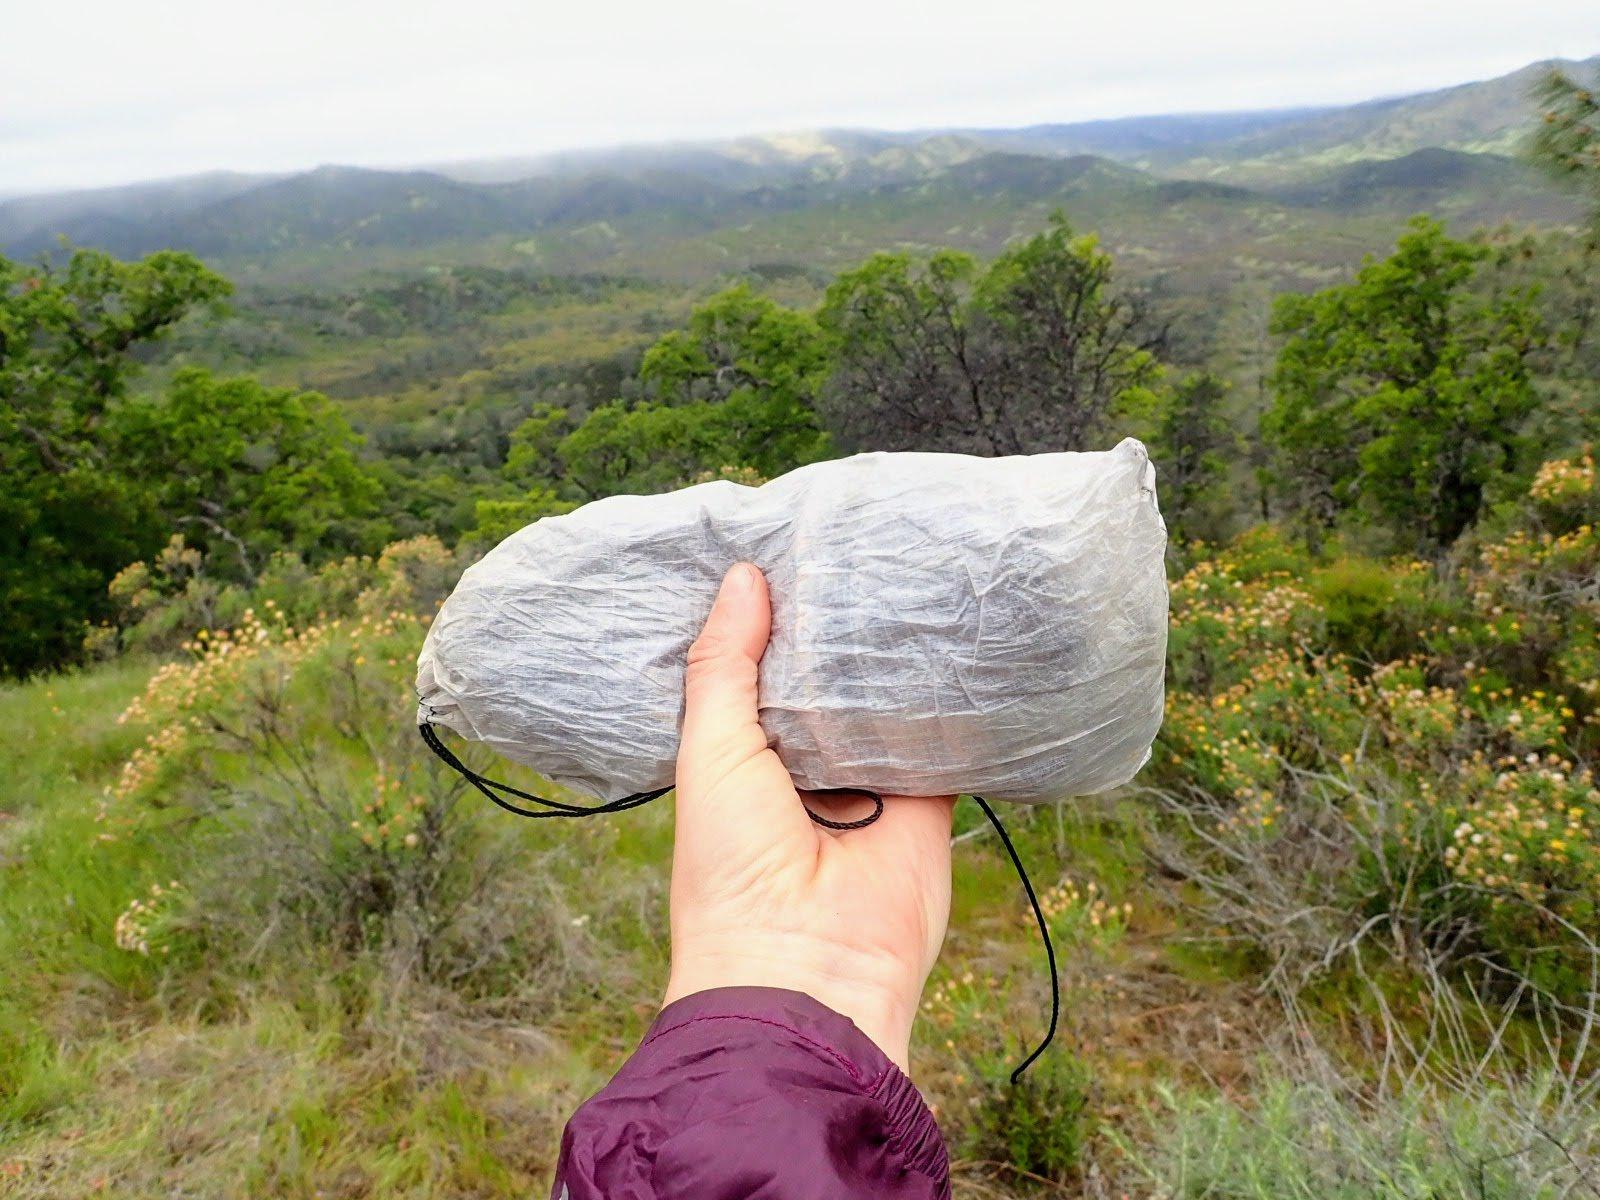 Borah Gear bivy in stuff sack